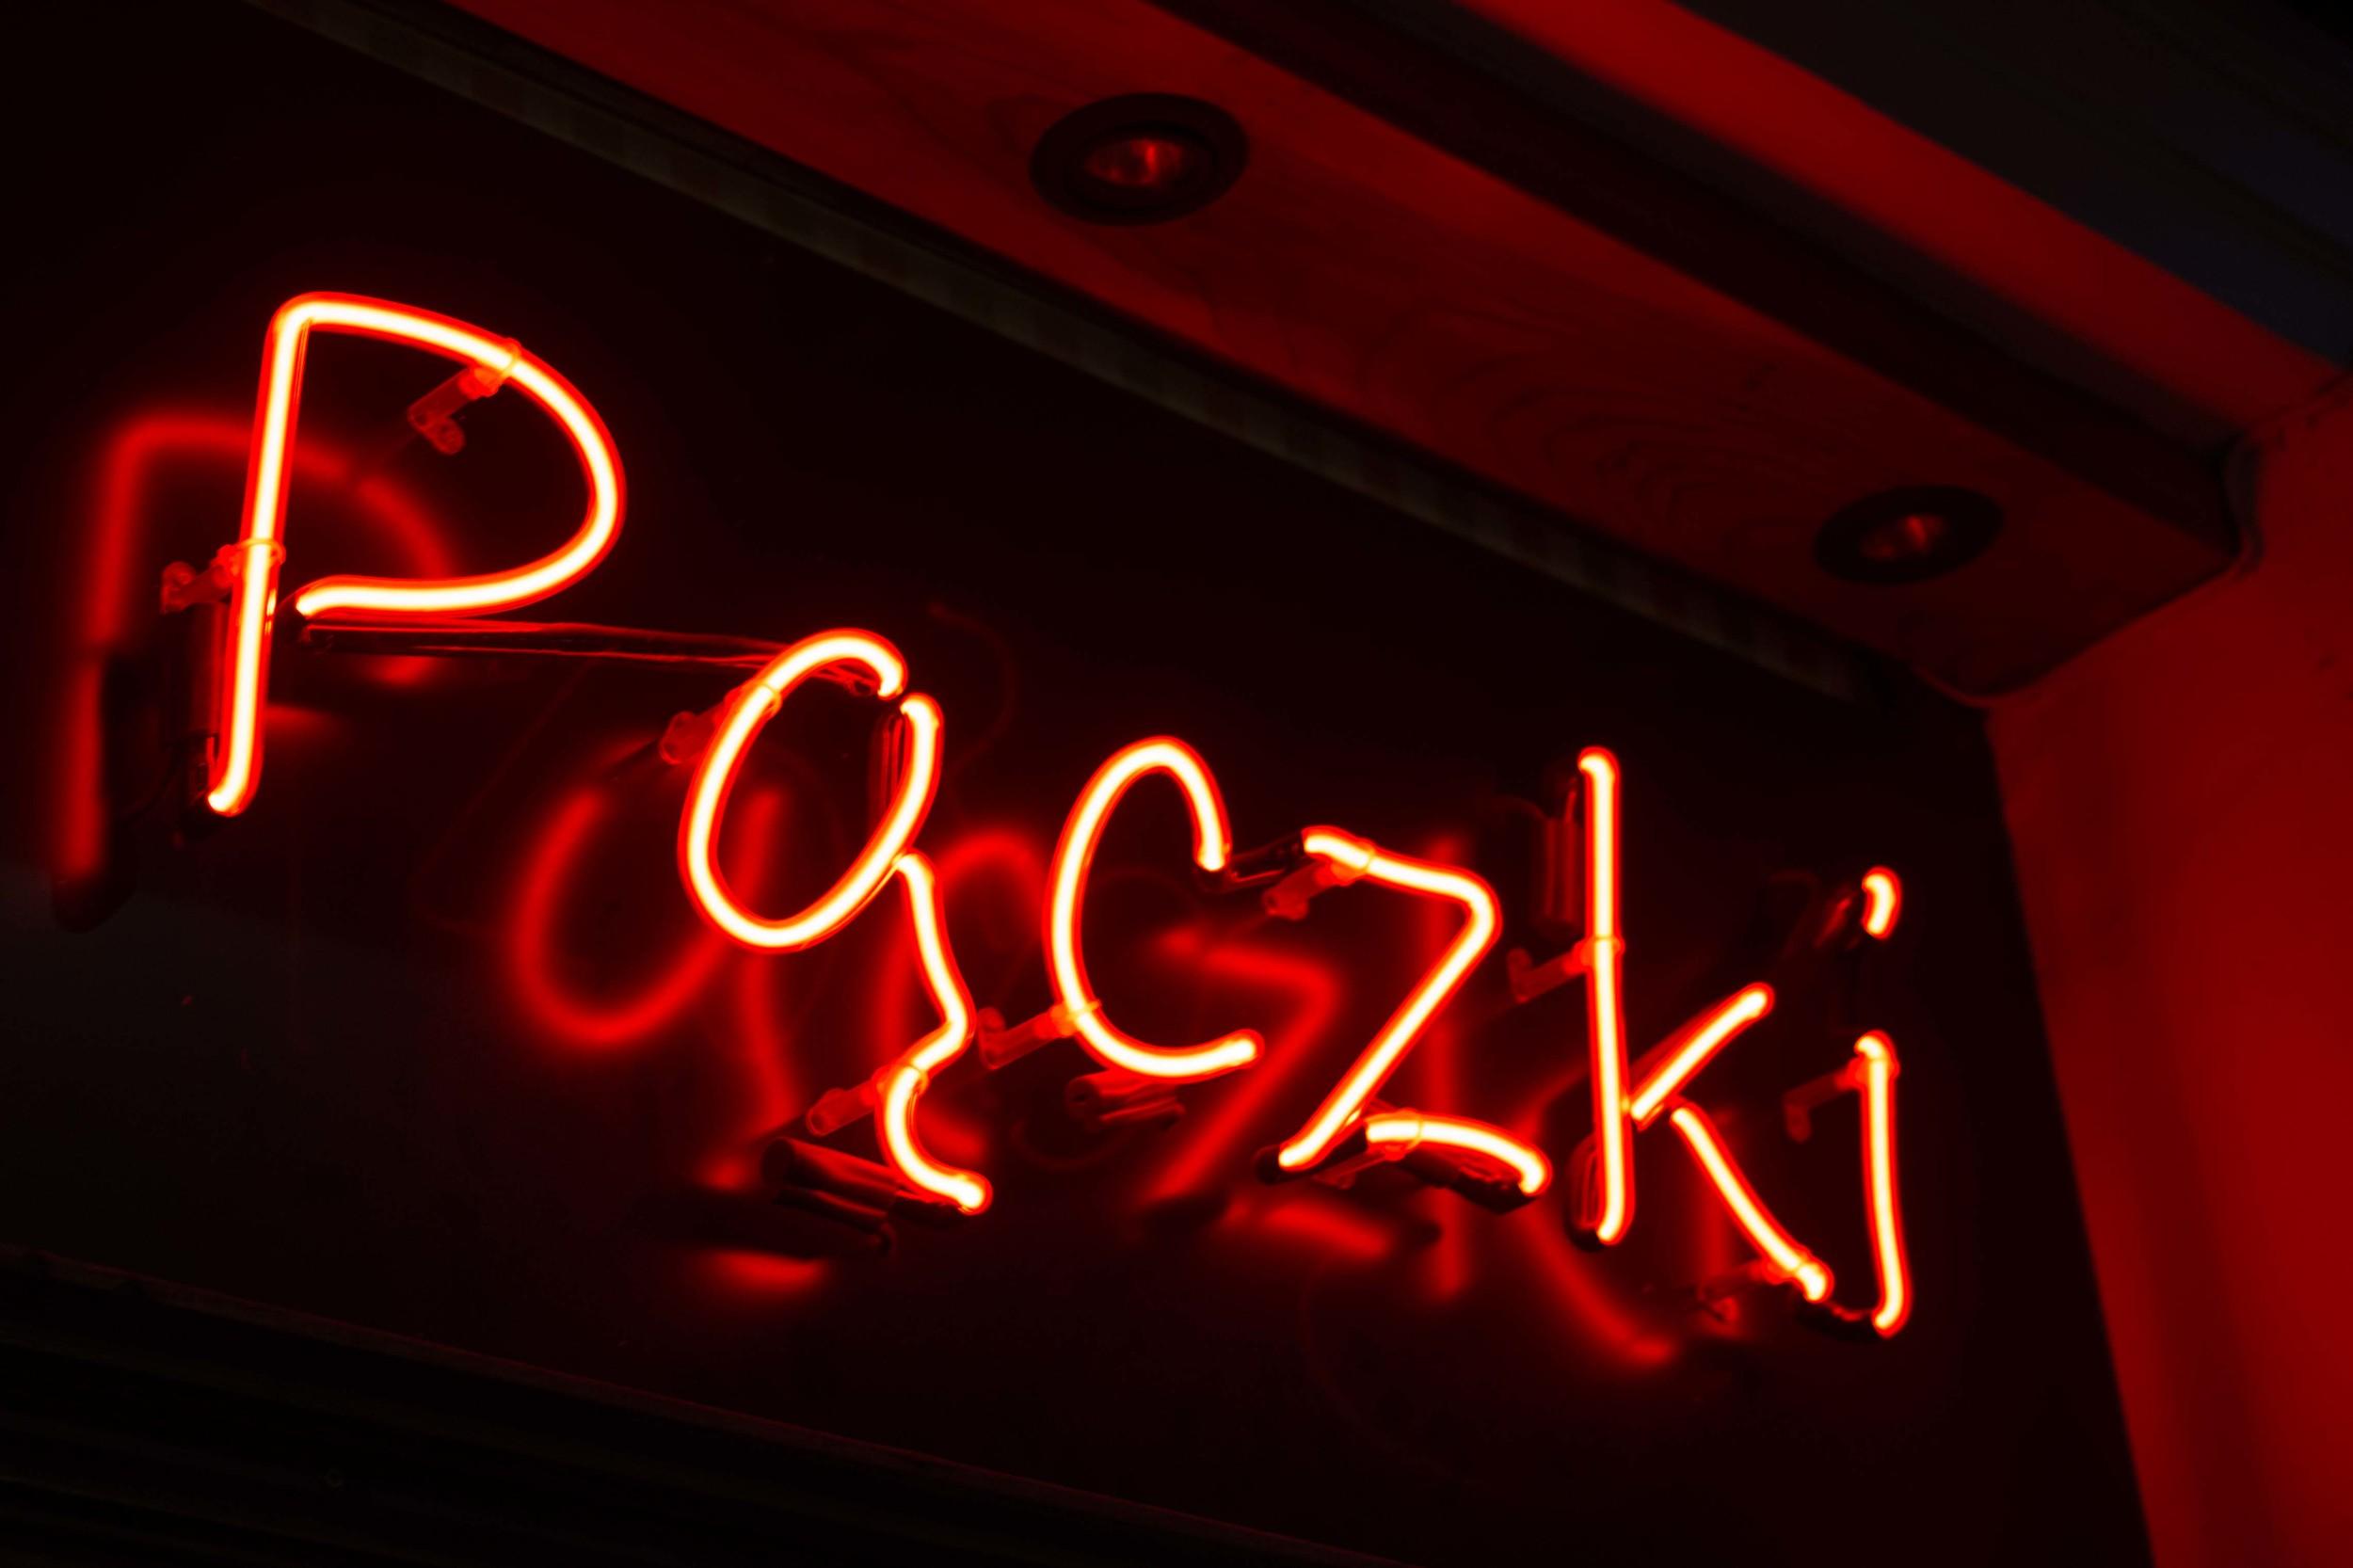 Paczki. 'nough said.